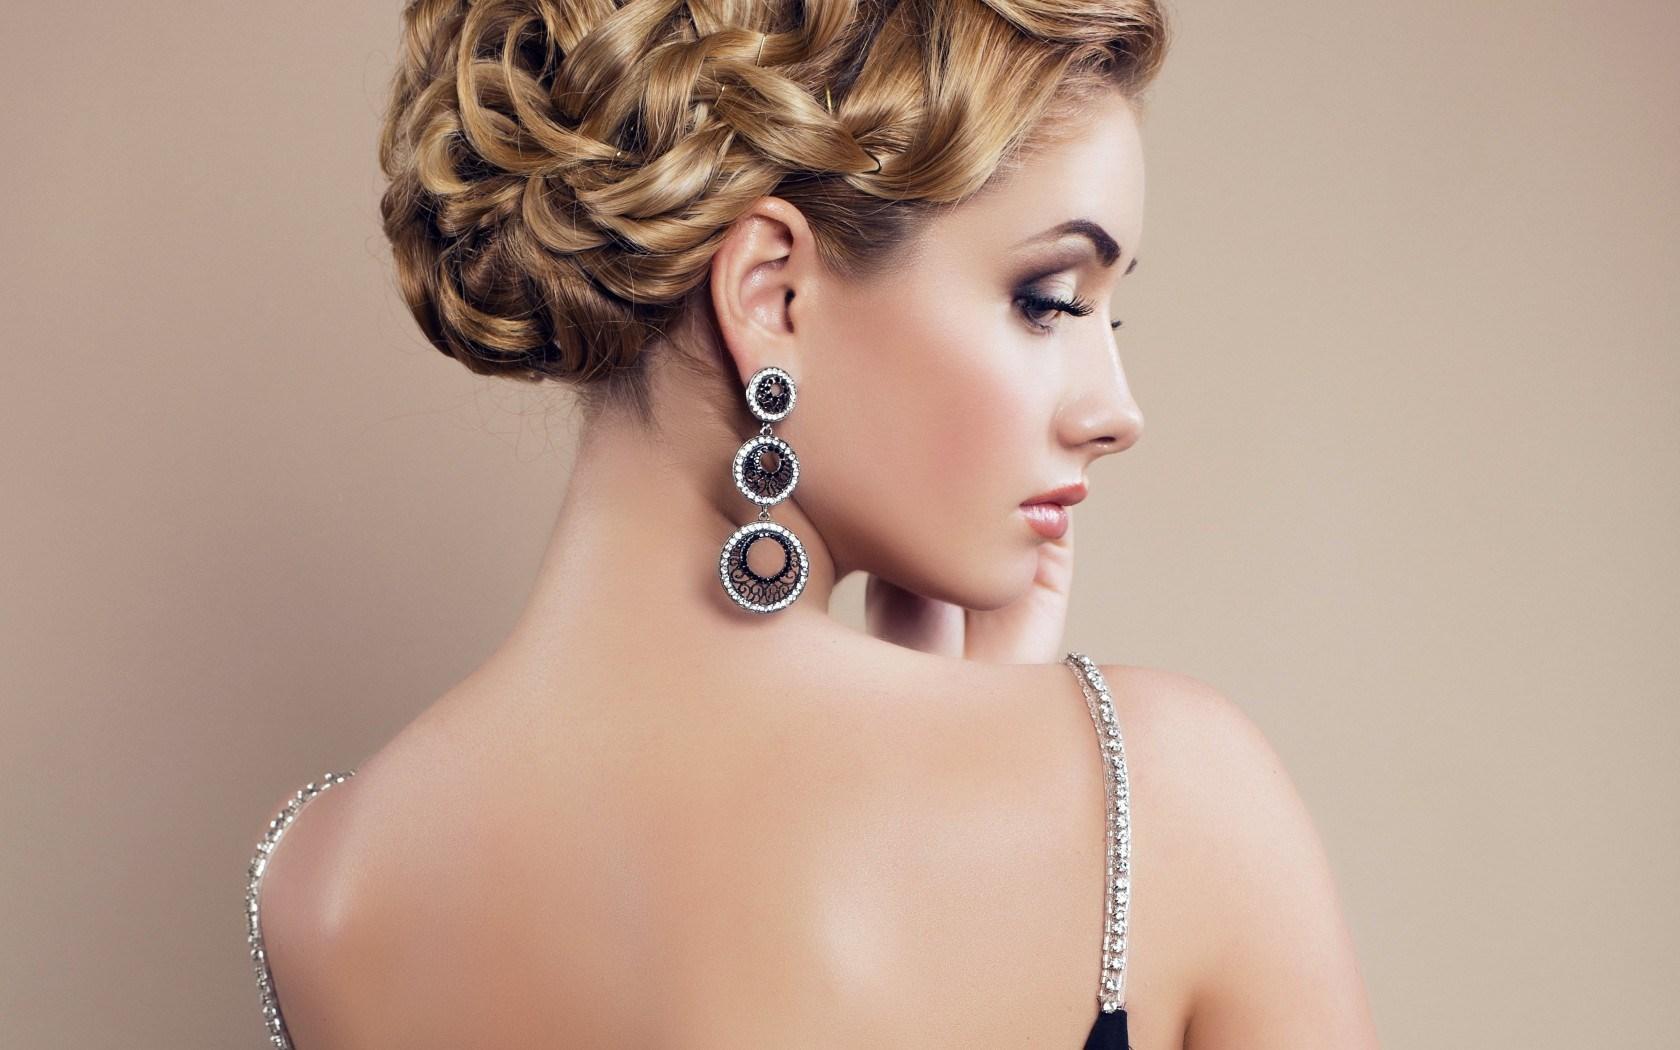 woman_earrings_jewelry_makeup.jpg